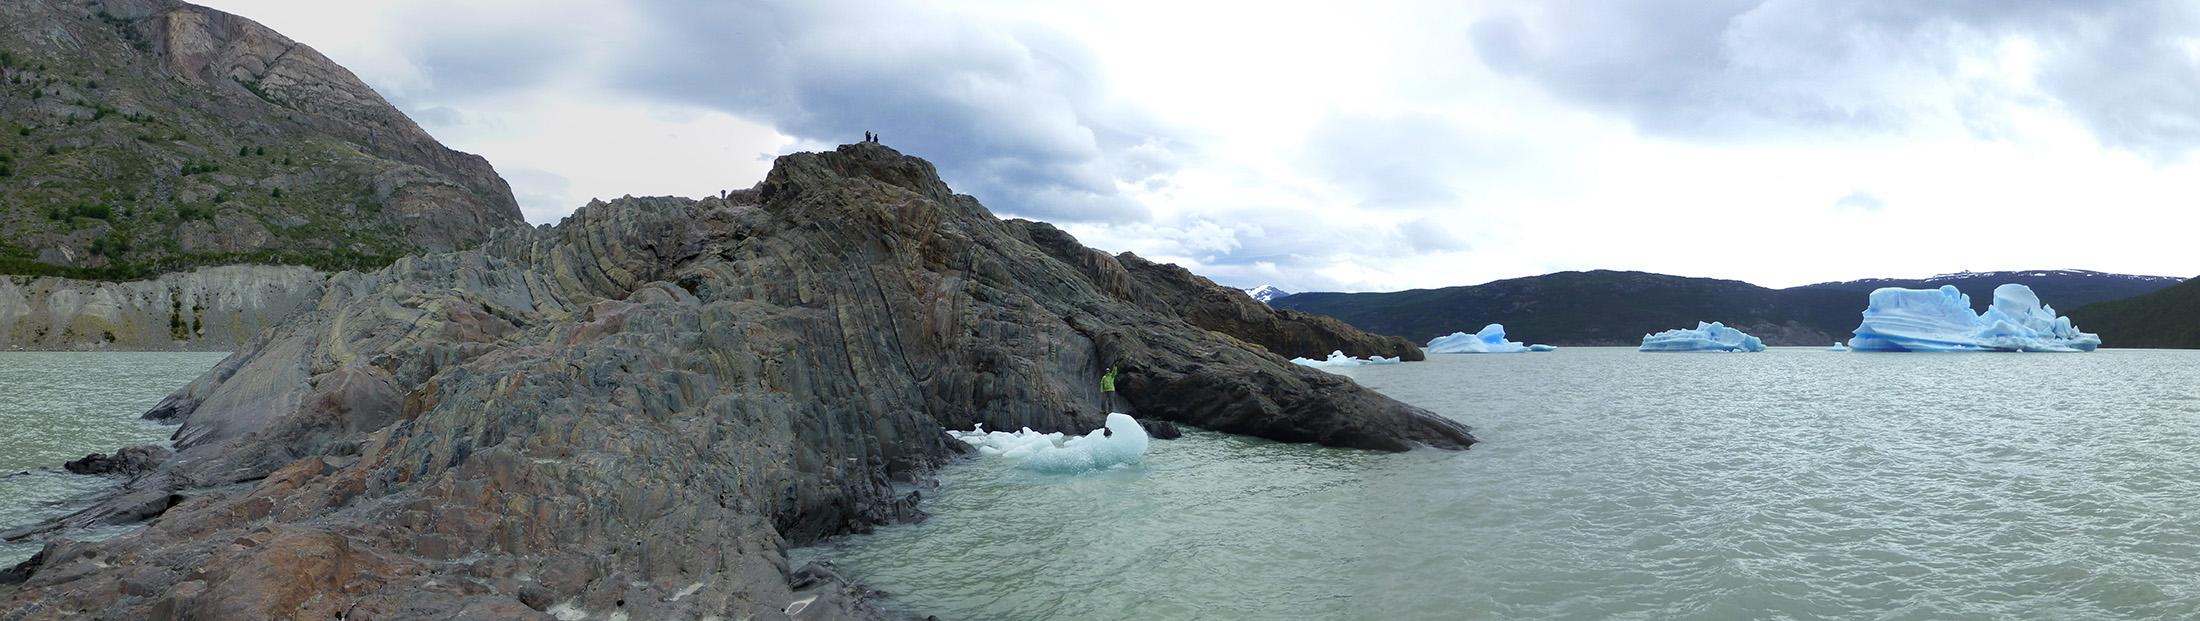 Glacier Grey Viewing Platform